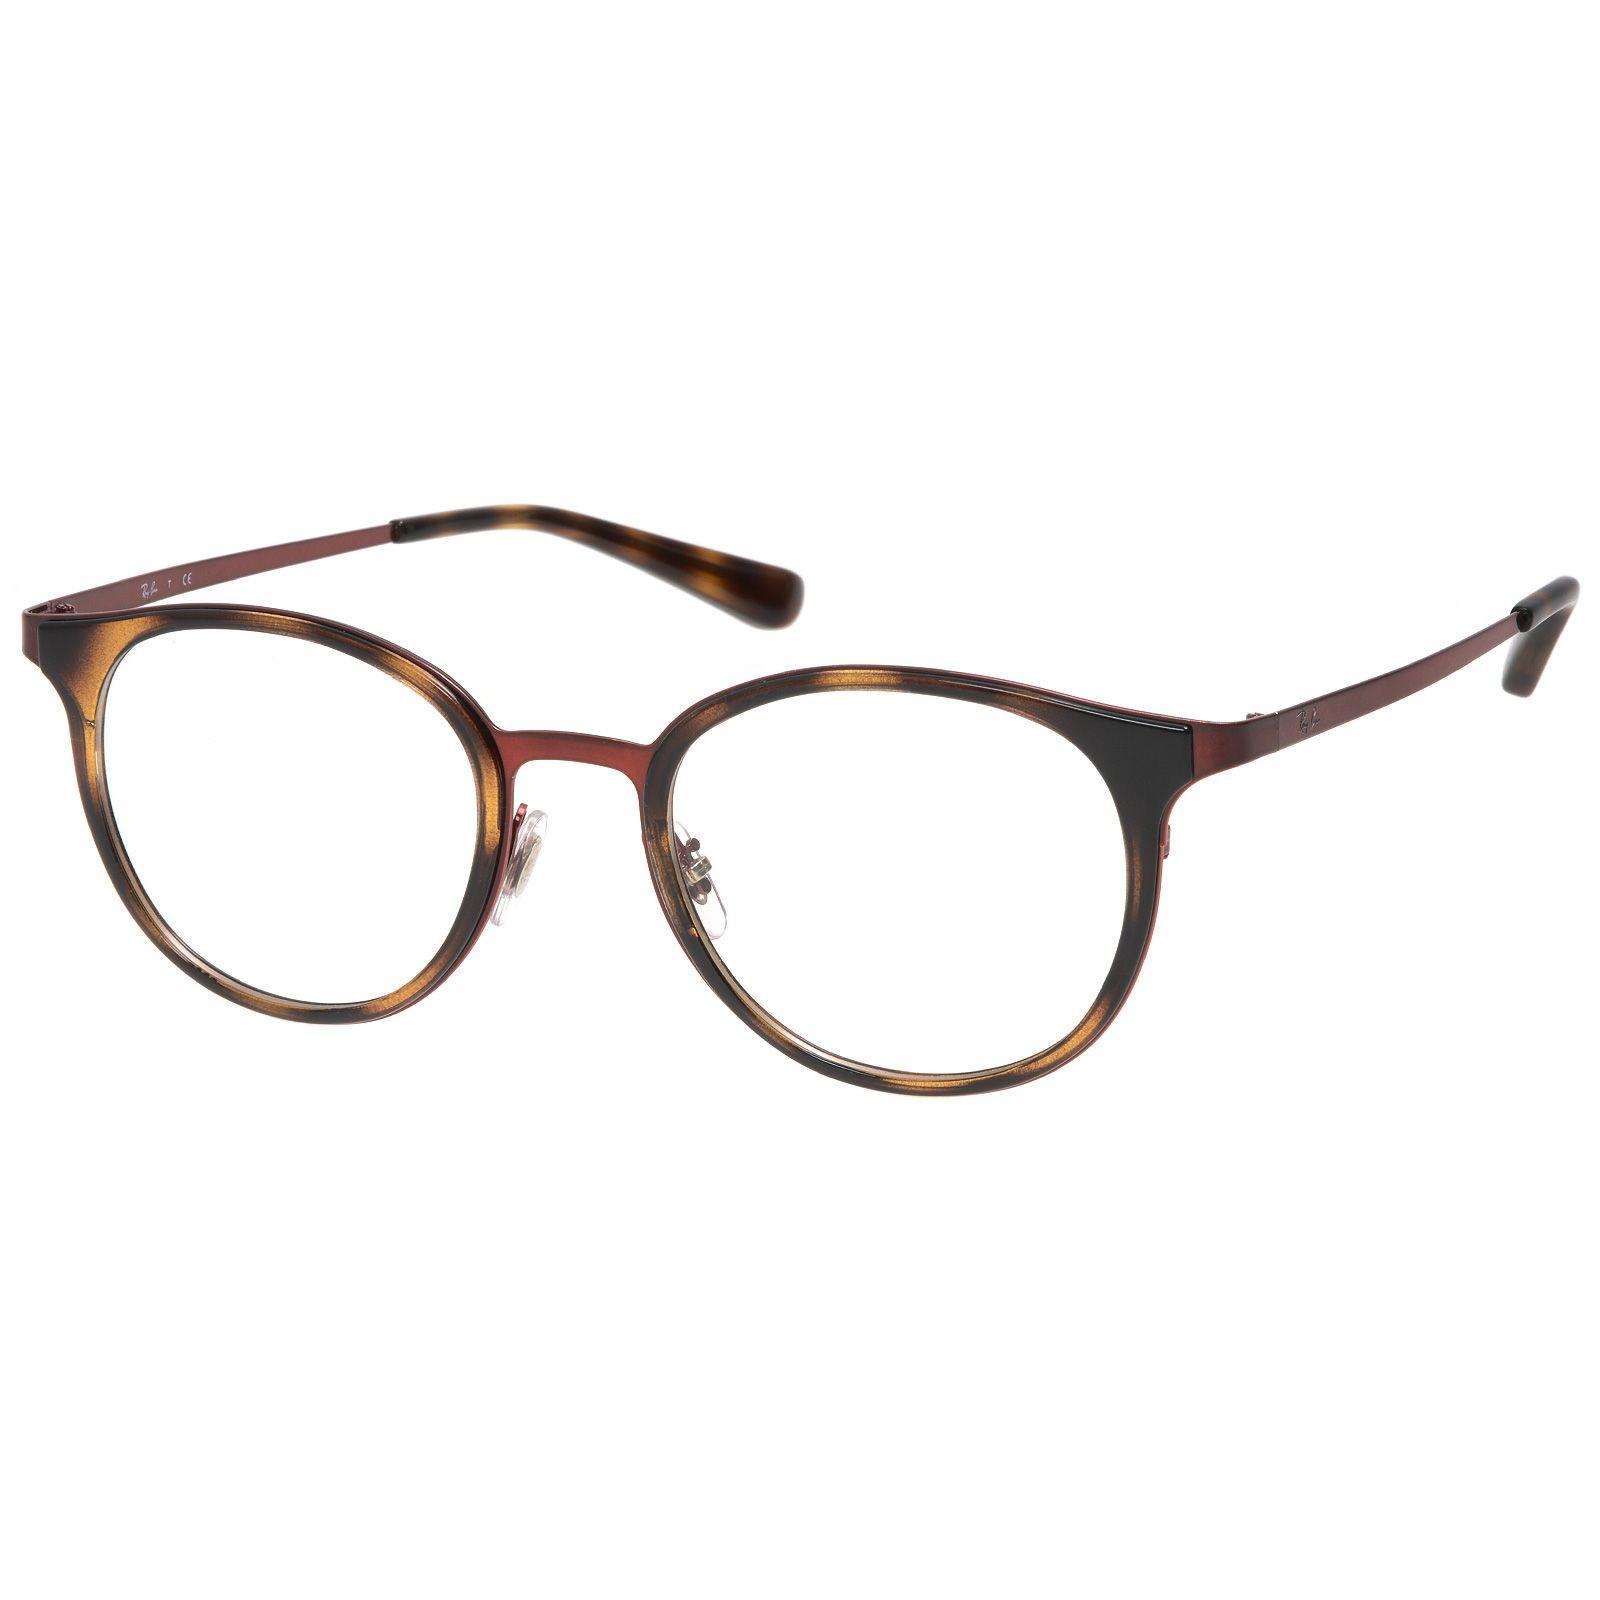 Brillen, , Ray-Ban 6372M 2922 Havanna Bordeaux Rot, Brillen-Eigenschaften:  Modellnummer: RX6372M Farbe: col.2922 (Havanna + Dunkelrot)